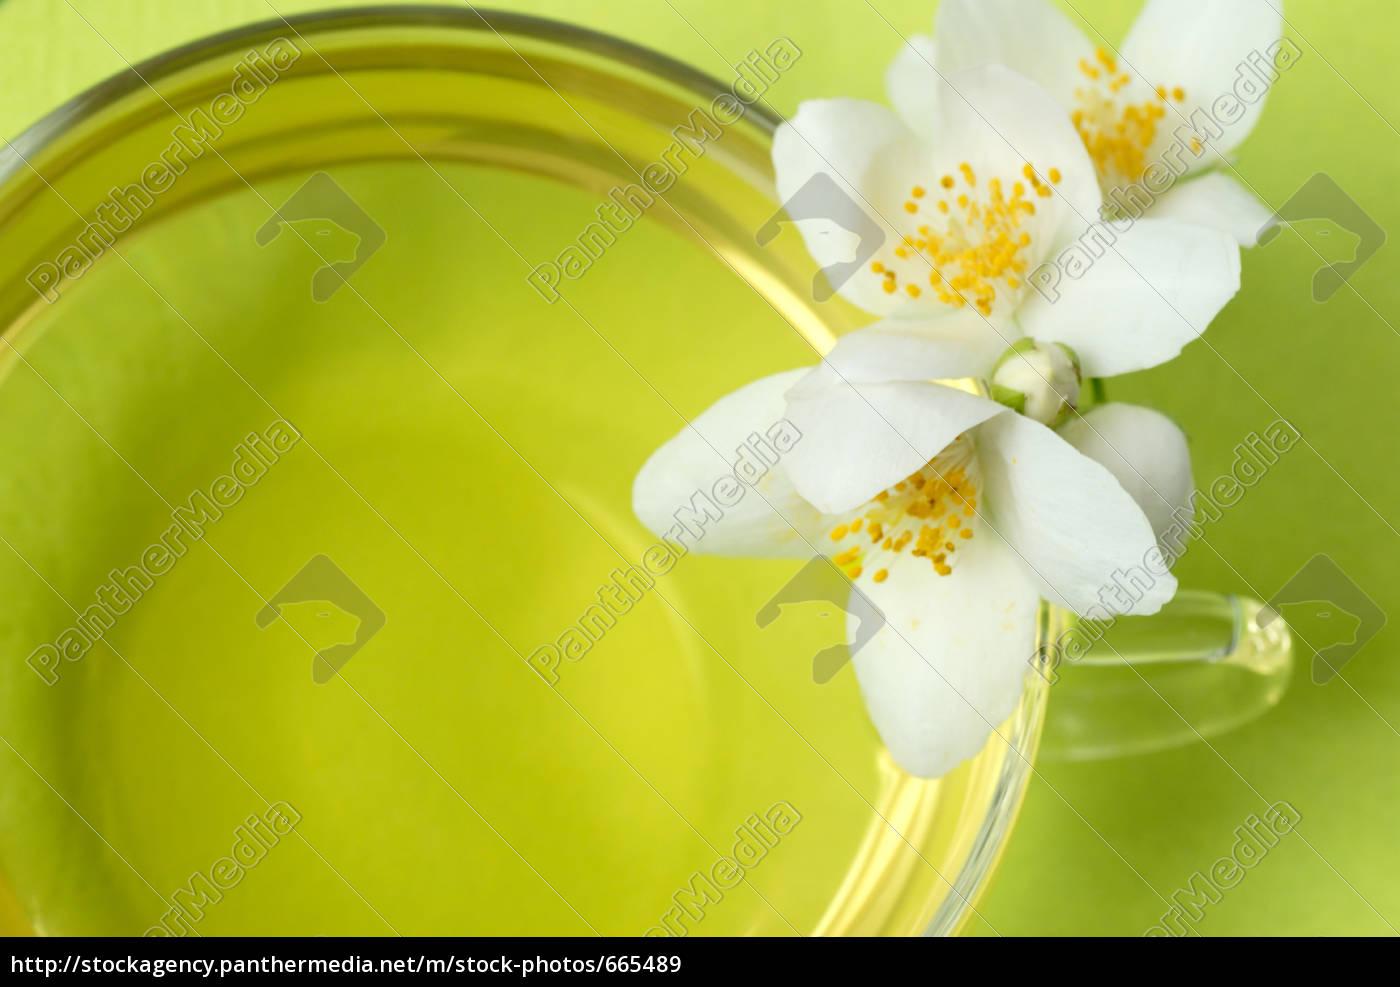 macro, of, jasmine, on, green - 665489